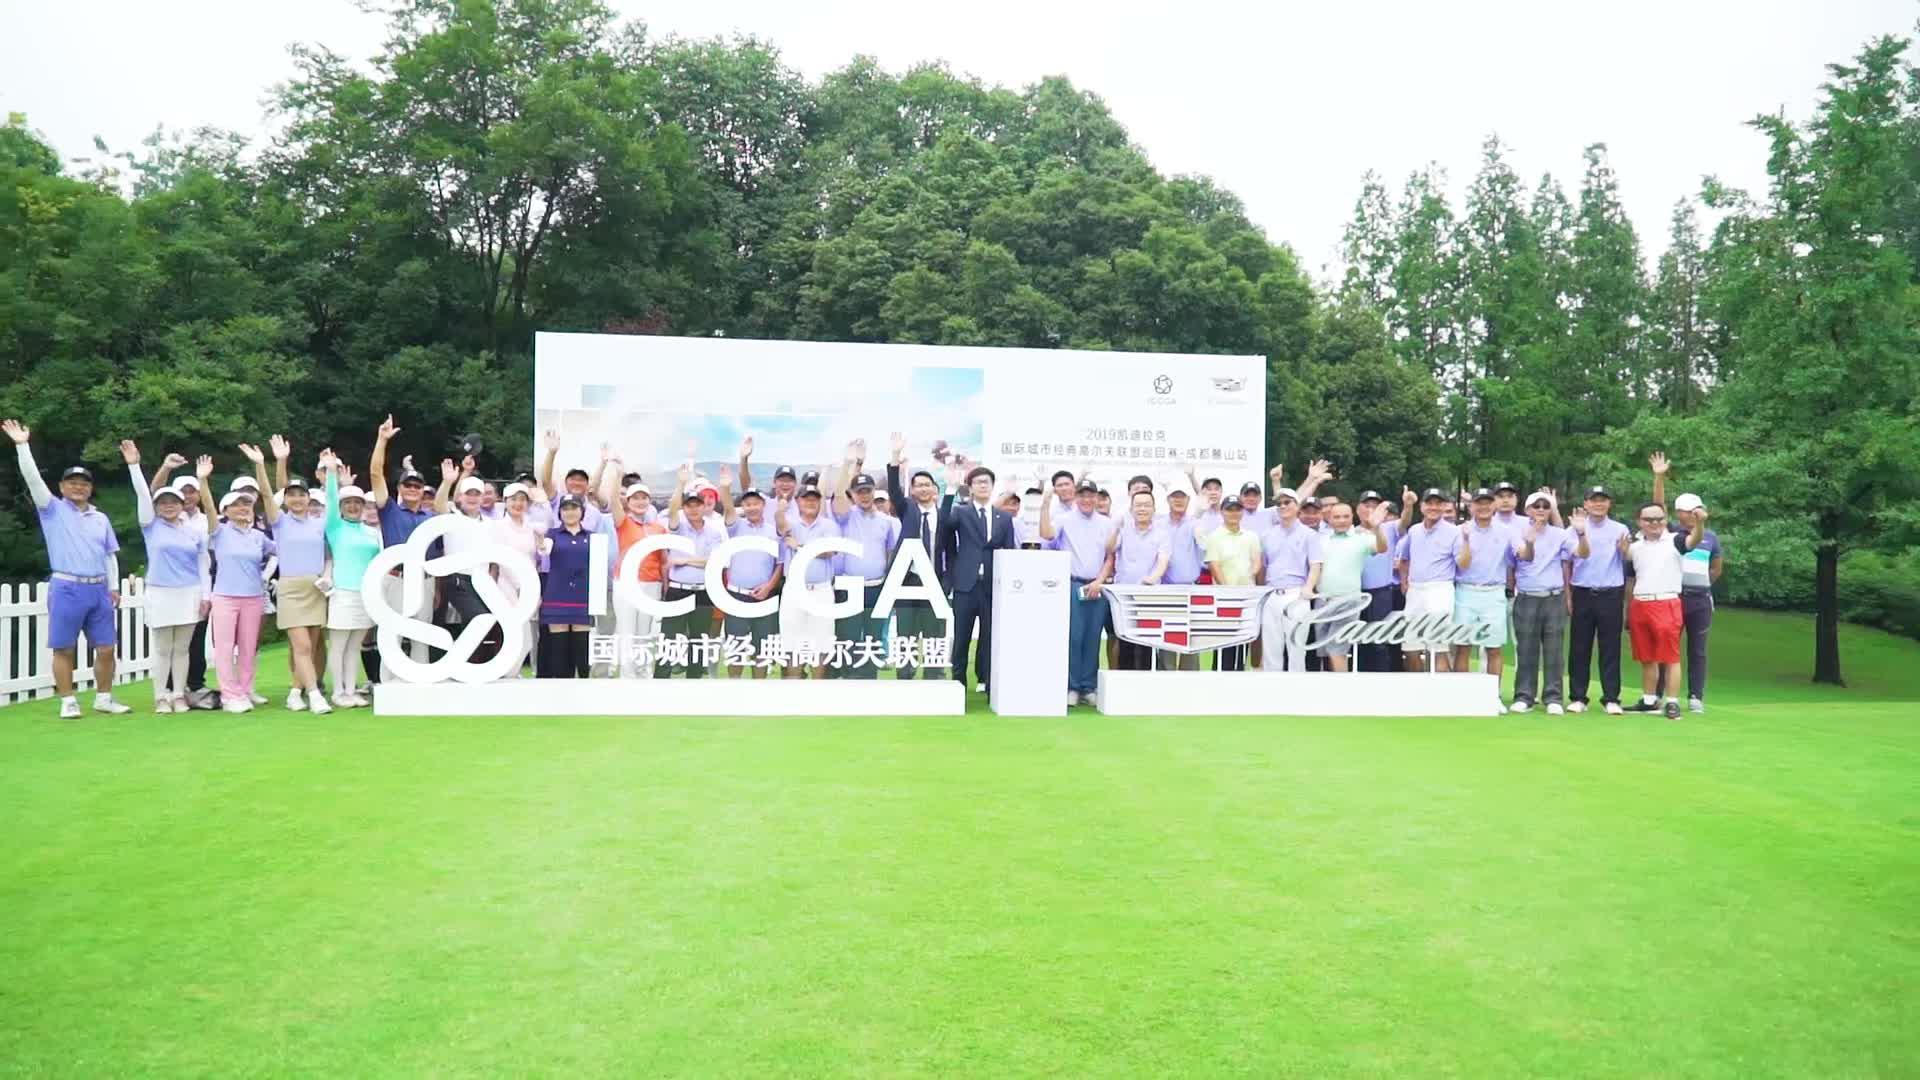 视频-2019国际城市经典高尔夫联盟巡回赛成都麓山站